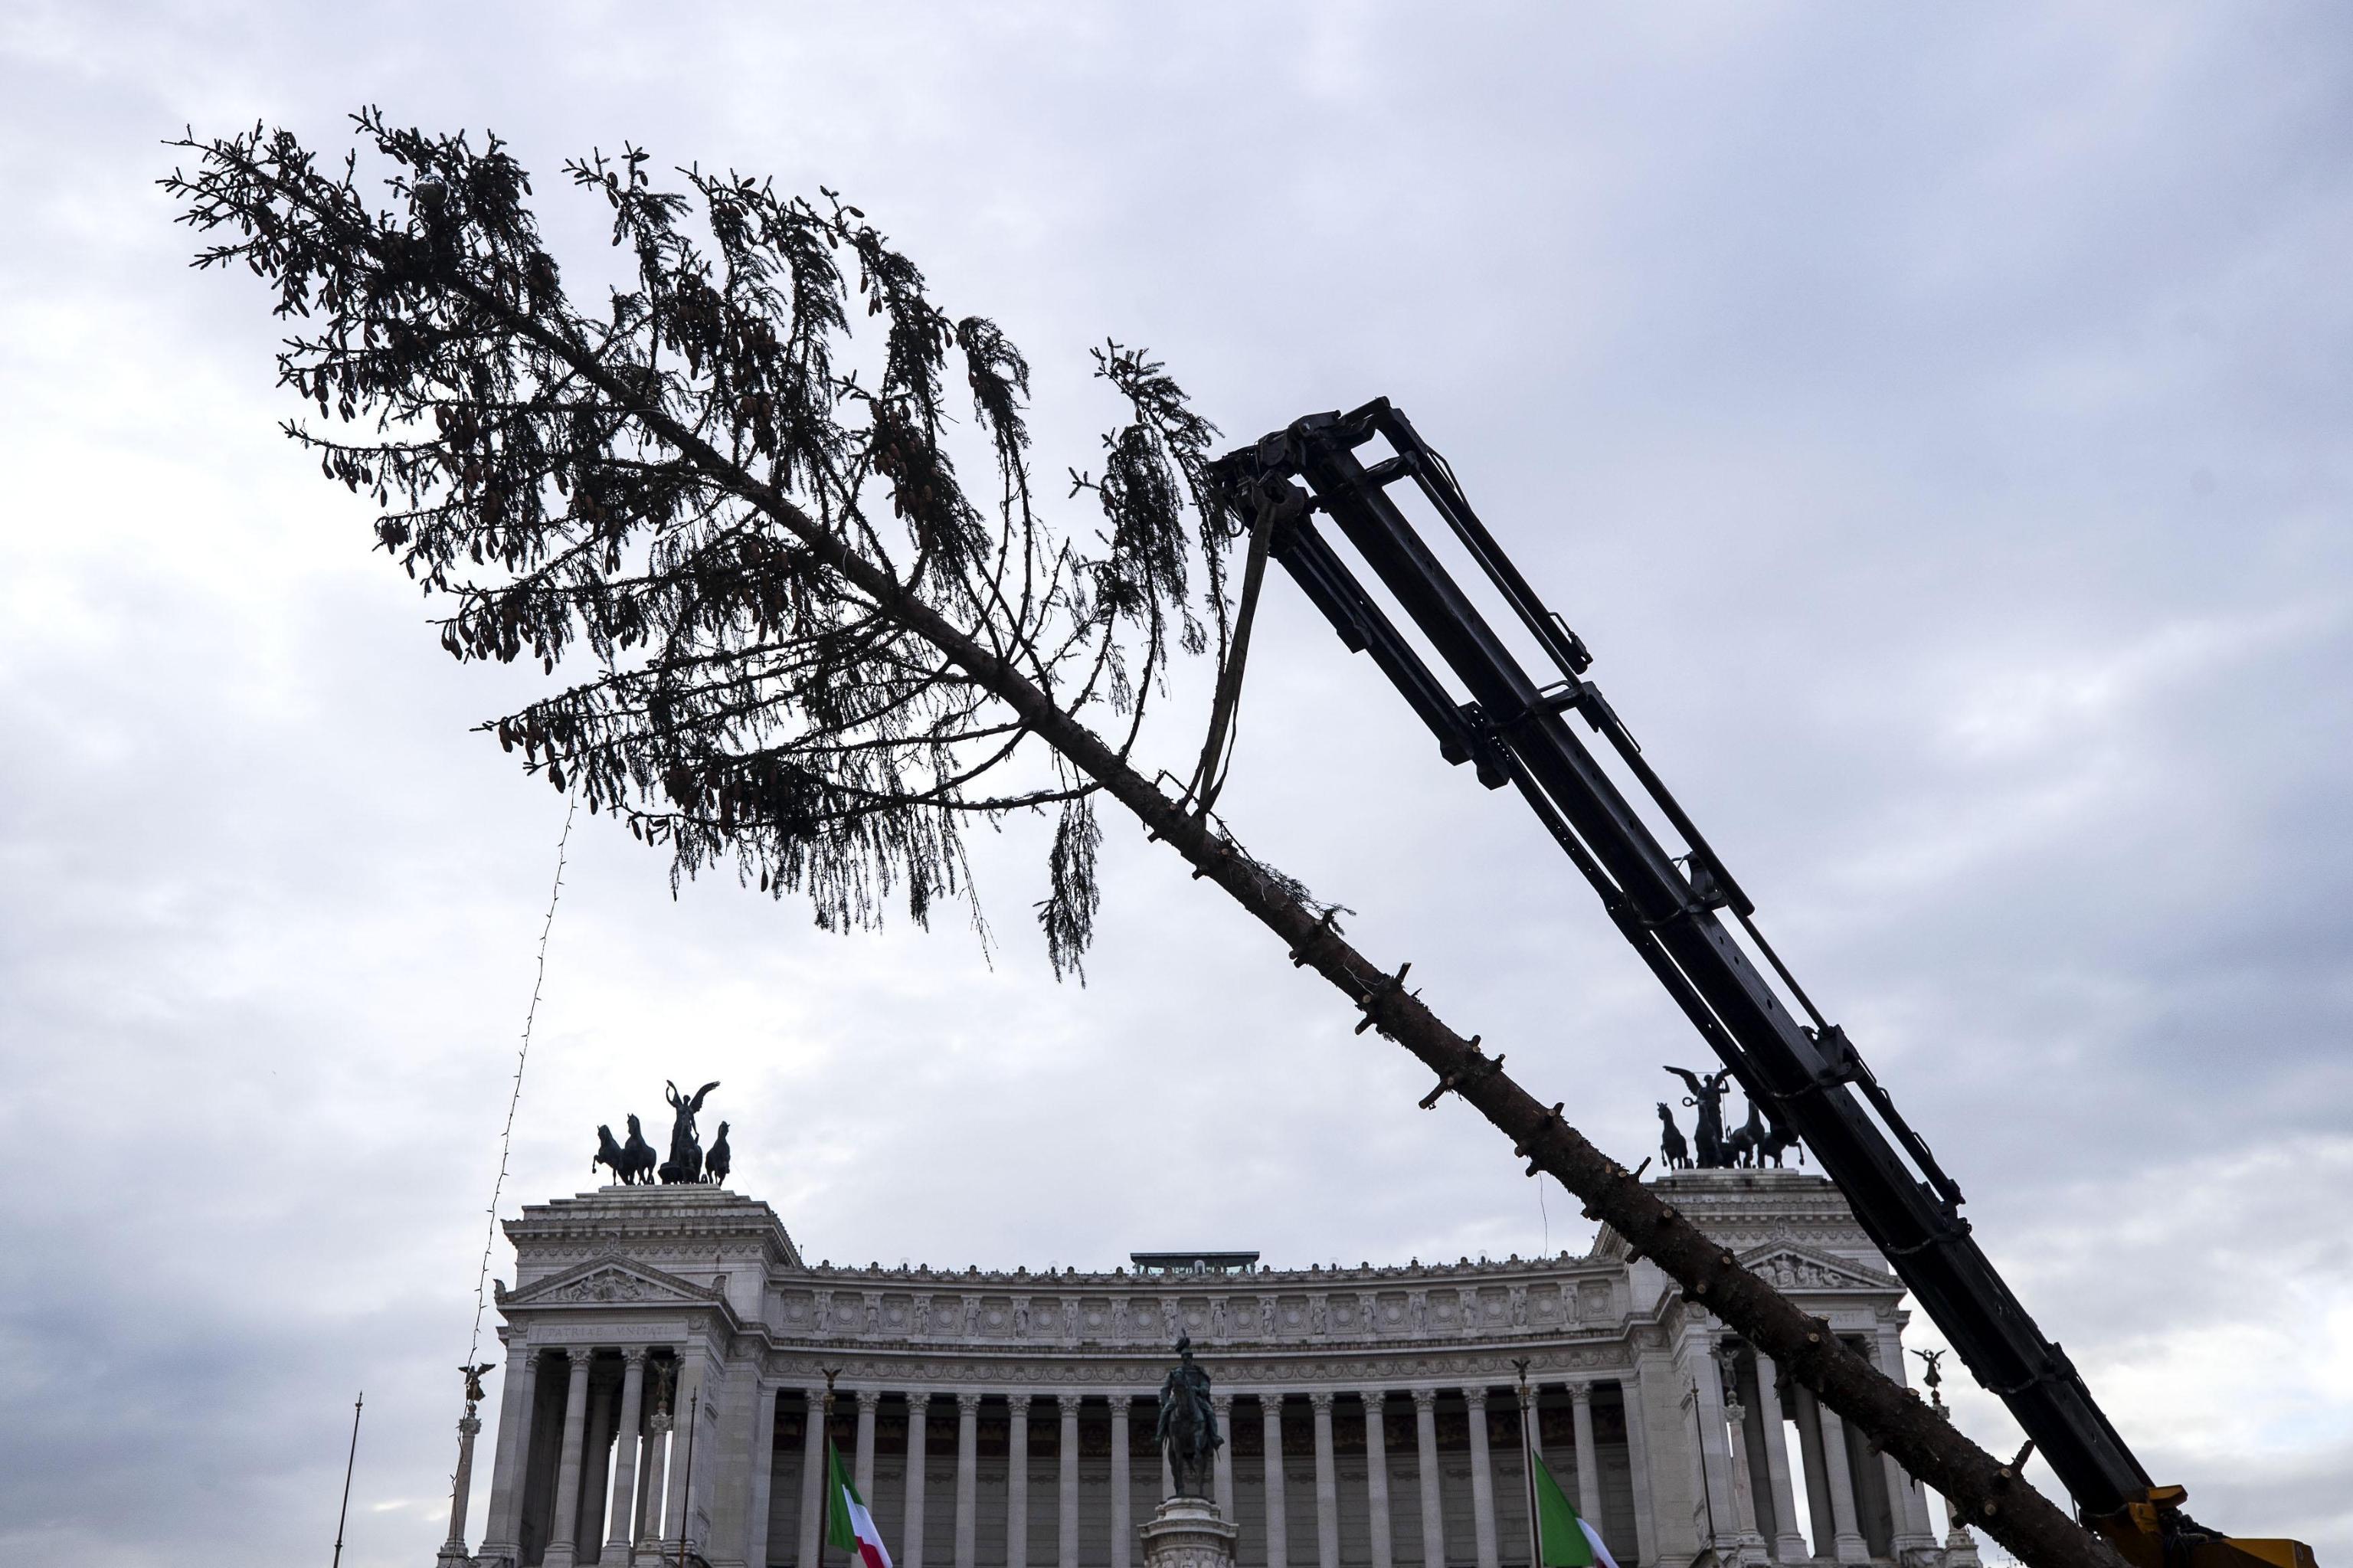 Spelacchio in Val di Fiemme: la seconda vita dell'abete rosso del Natale 2017 a Roma